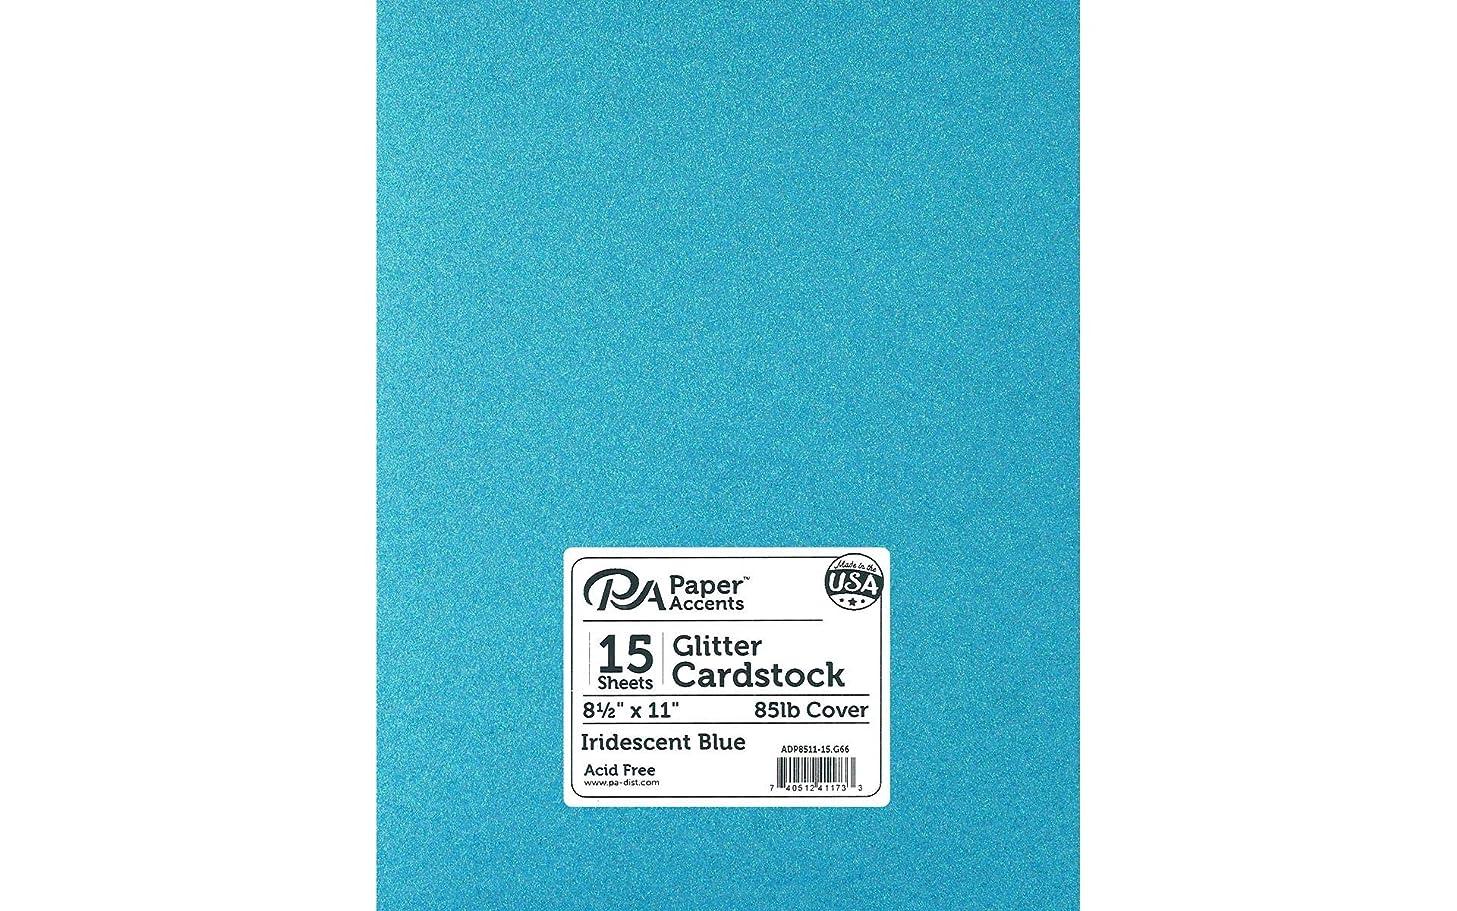 PA Paper Accents ADP8511-15.G66 Cdstk Glitter 8.5x11 Blue None